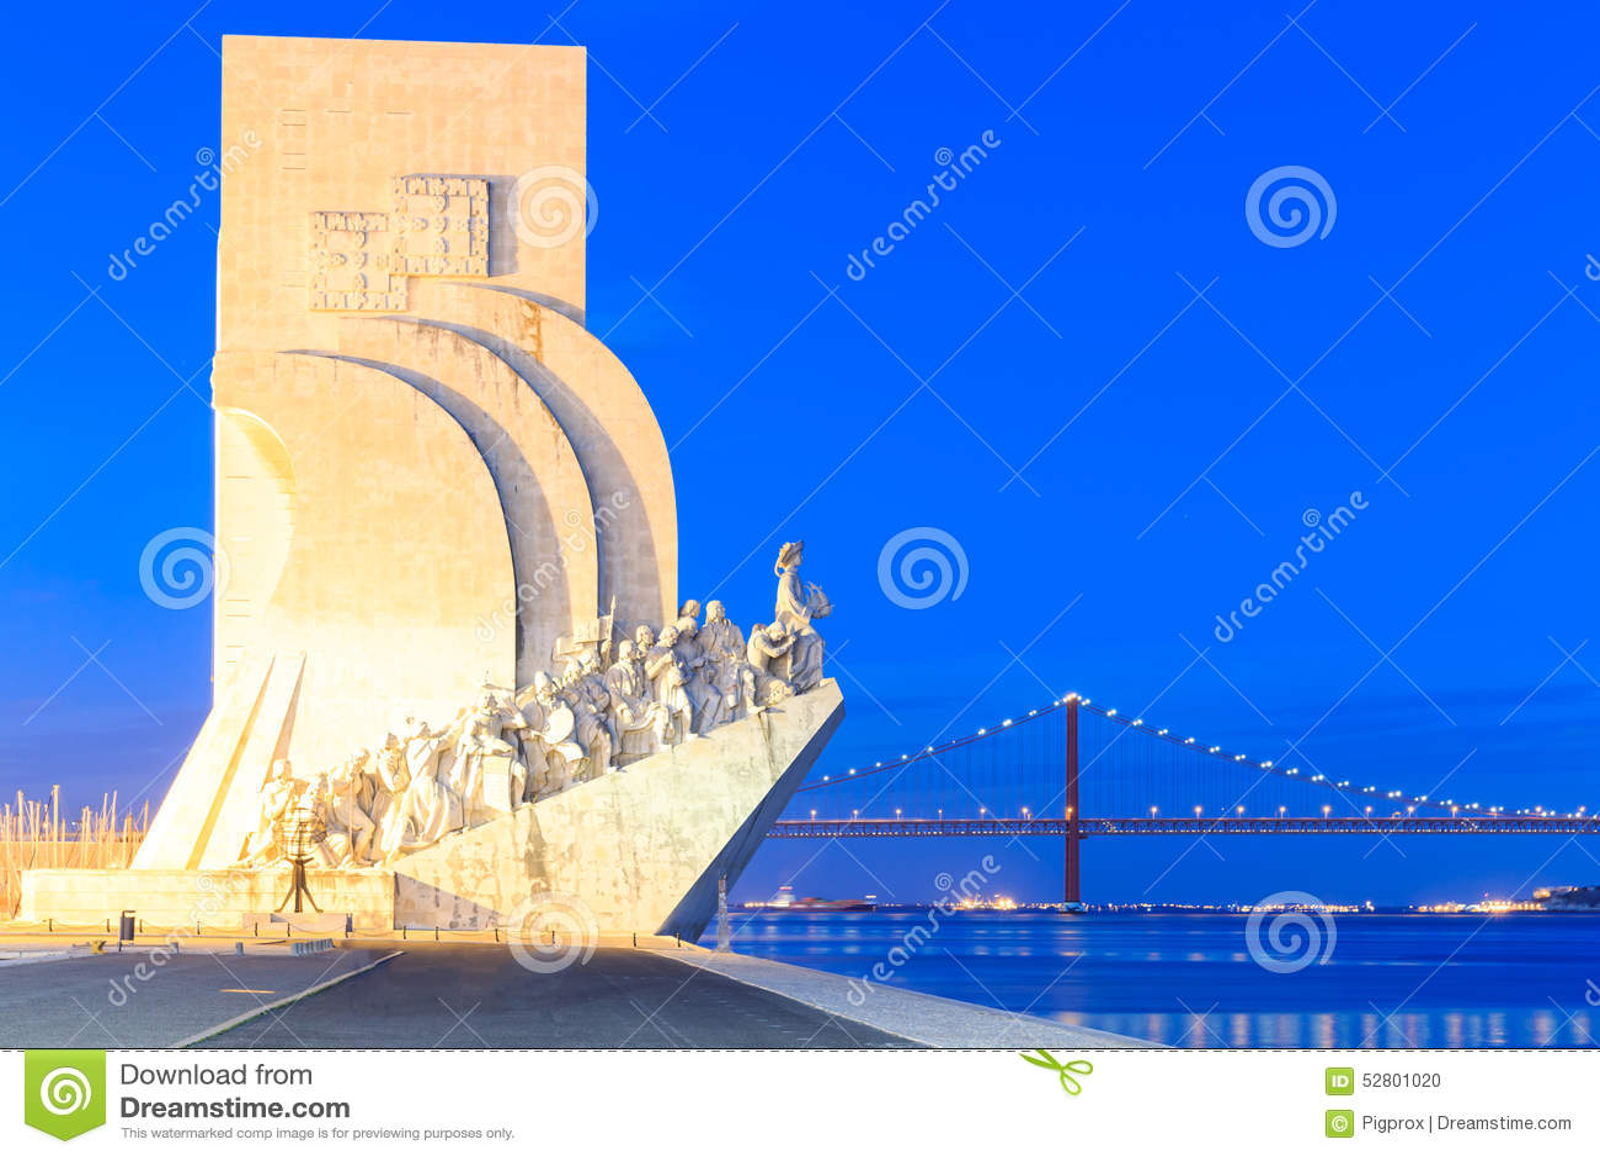 Monumento às descobertas, Lisboa, Portugal